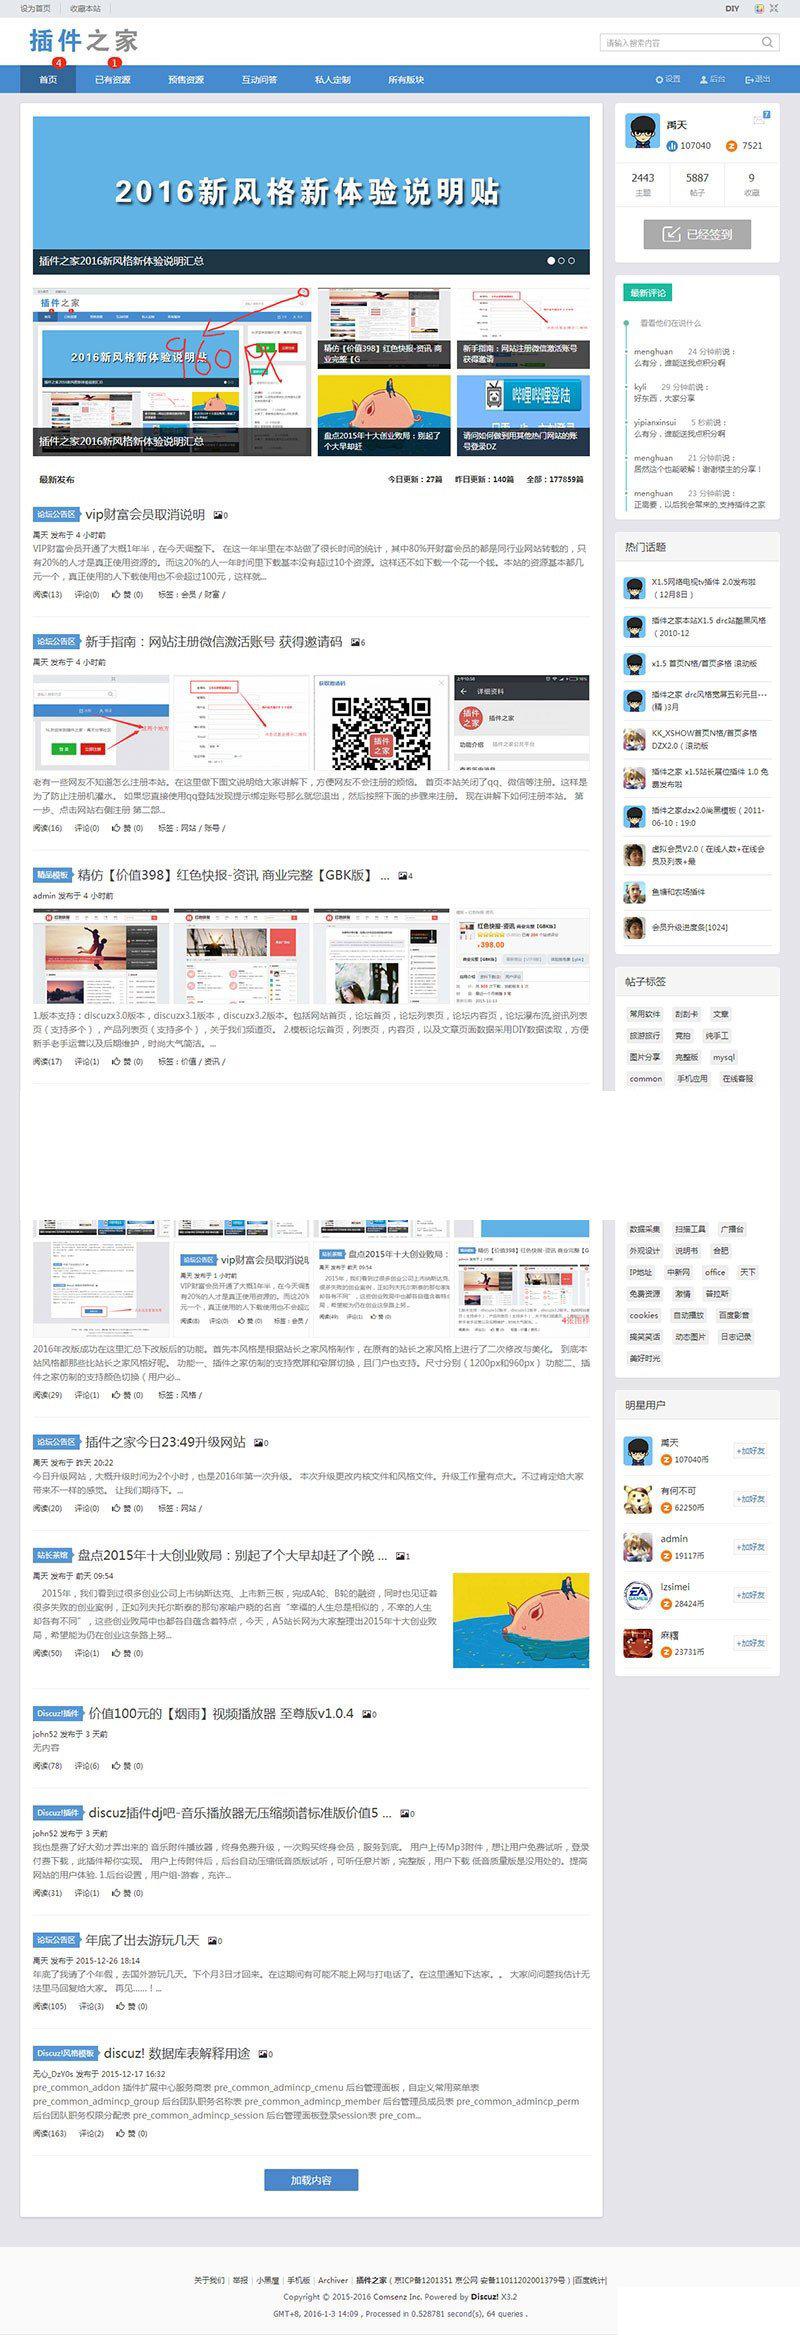 精仿小纯站长之家论坛 dz模板分享,支持宽屏和窄屏切换